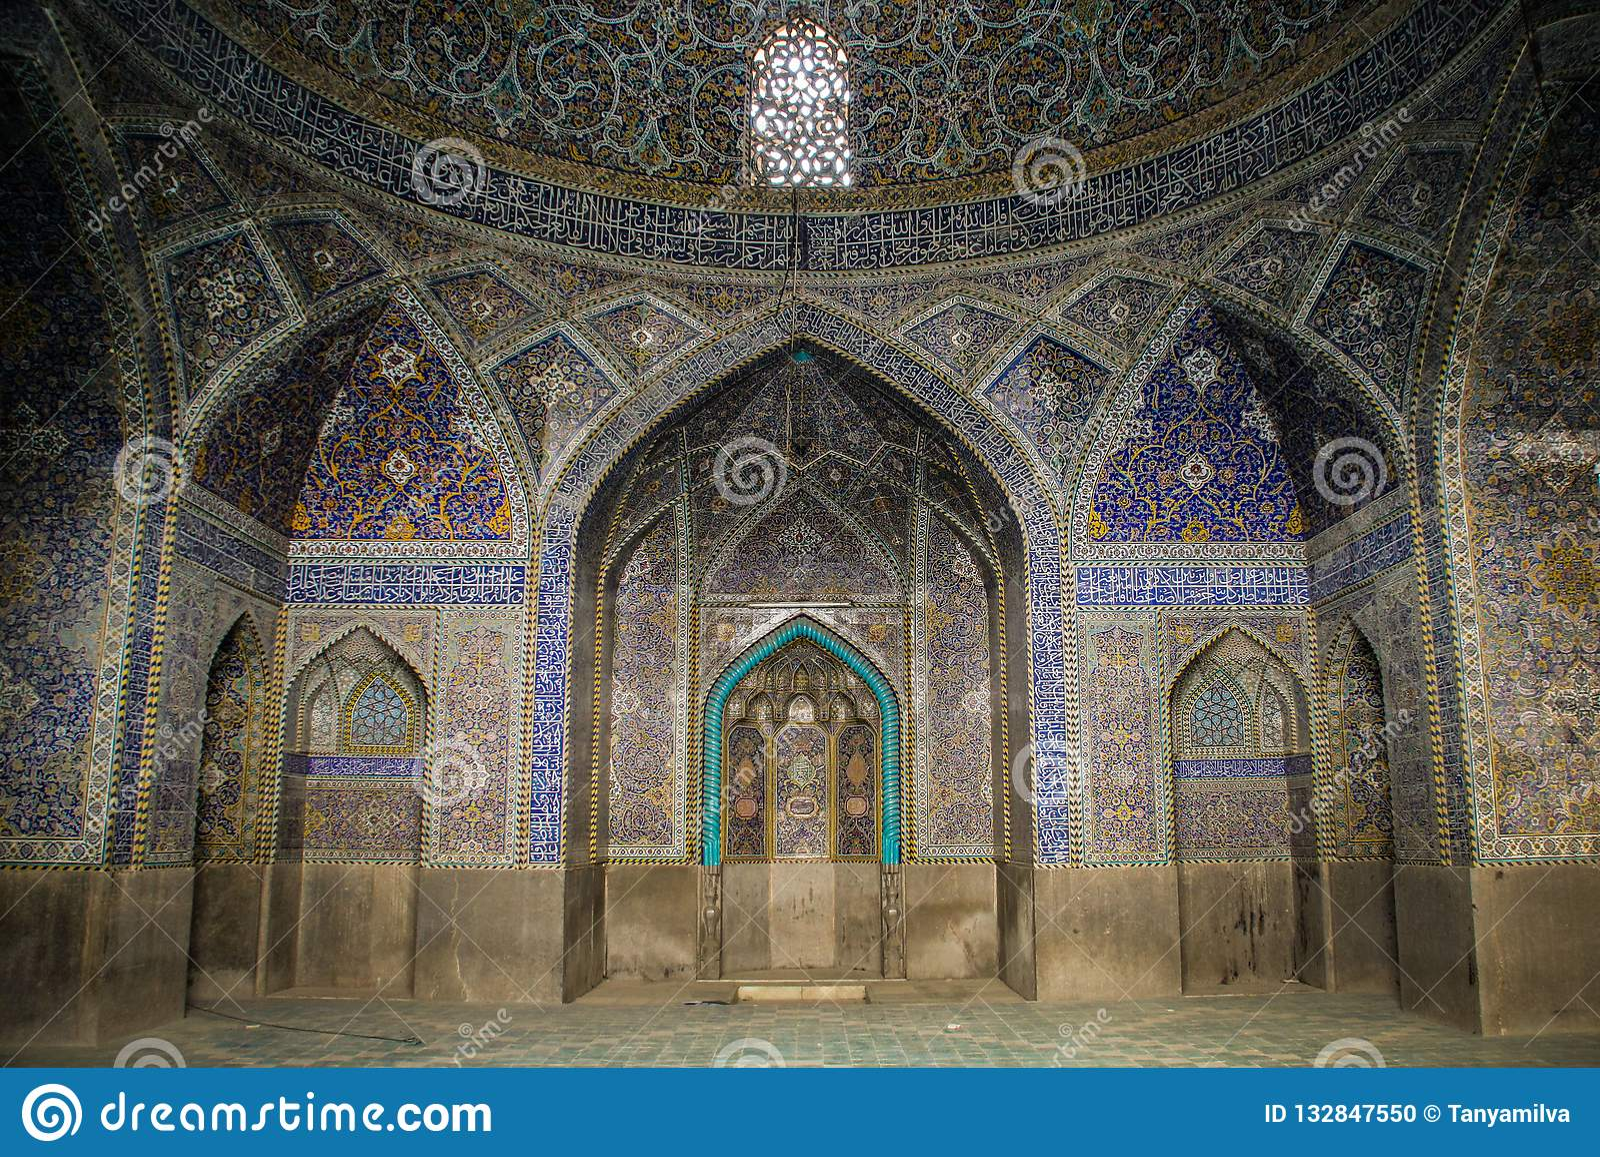 Μουσουλμανικό τέμενος στο μπλε του Ισφαχάν Παραδοσιακές διακοσμήσεις και διακοσμήσεις Ιράν